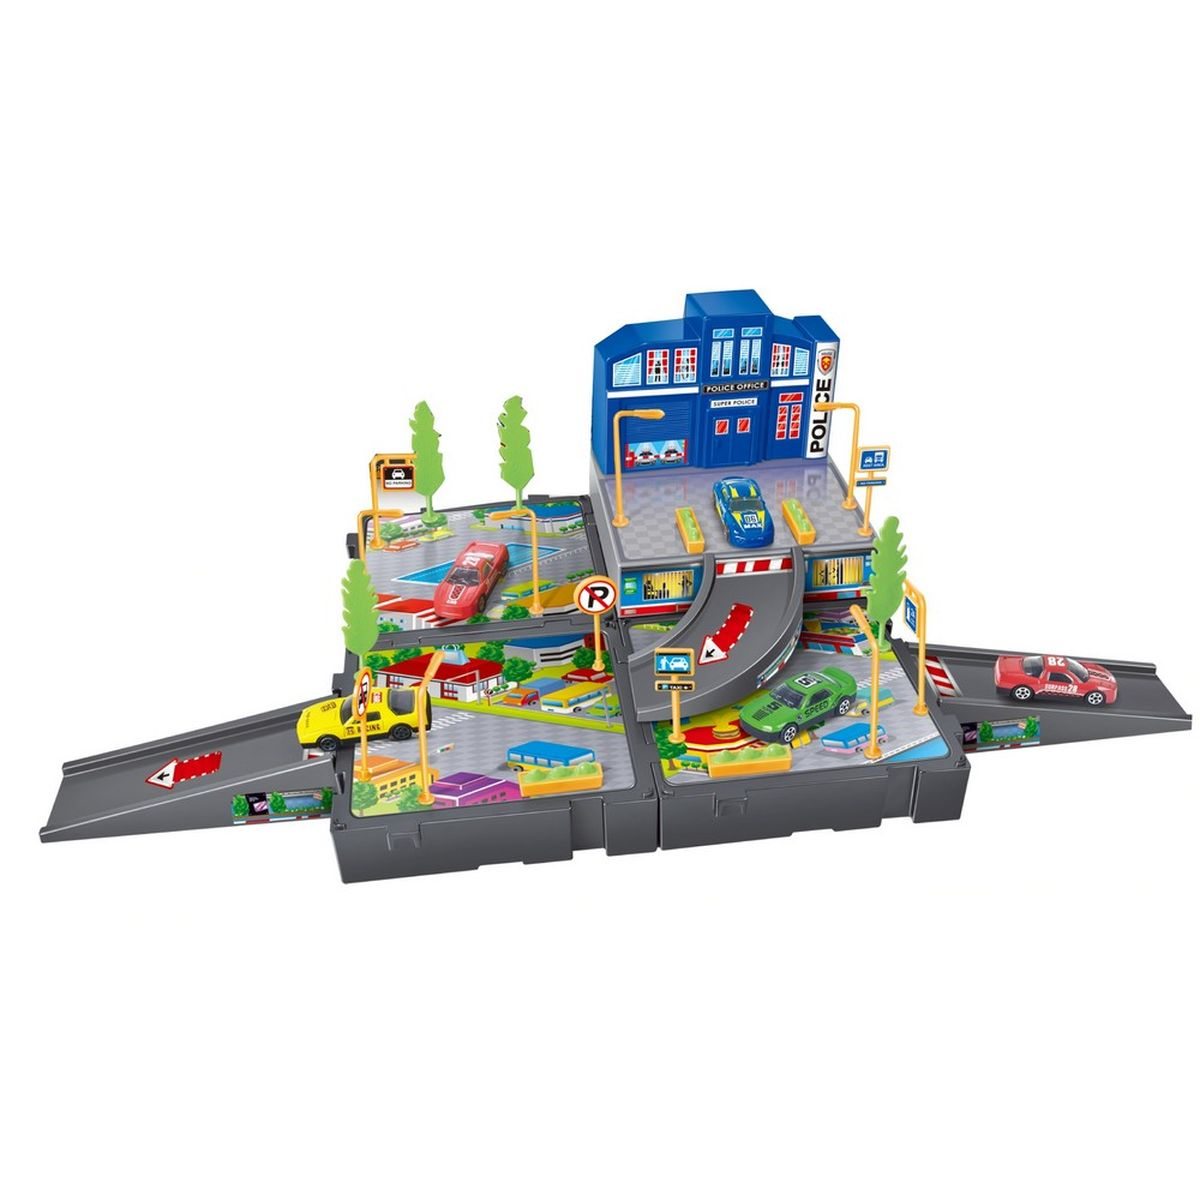 Dave Toy Игровой набор Полицейский участок 32024 игровой набор dave toy аэропорт с 1 машинкой